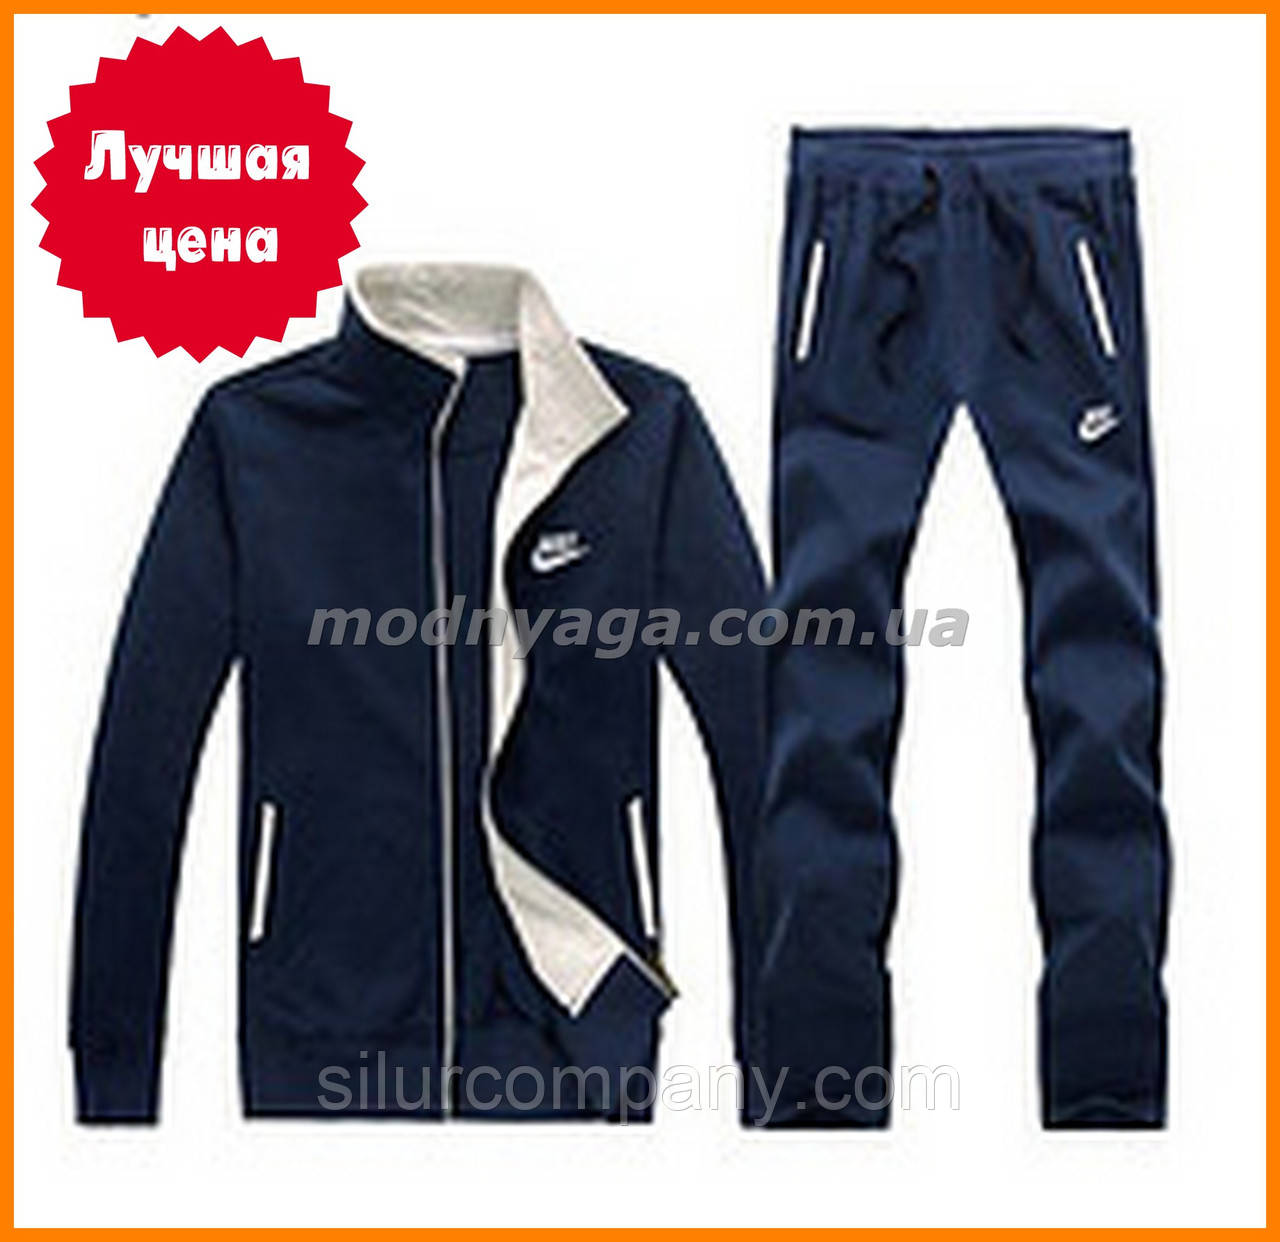 Недорогая одежда для мальчиков интернет магазин